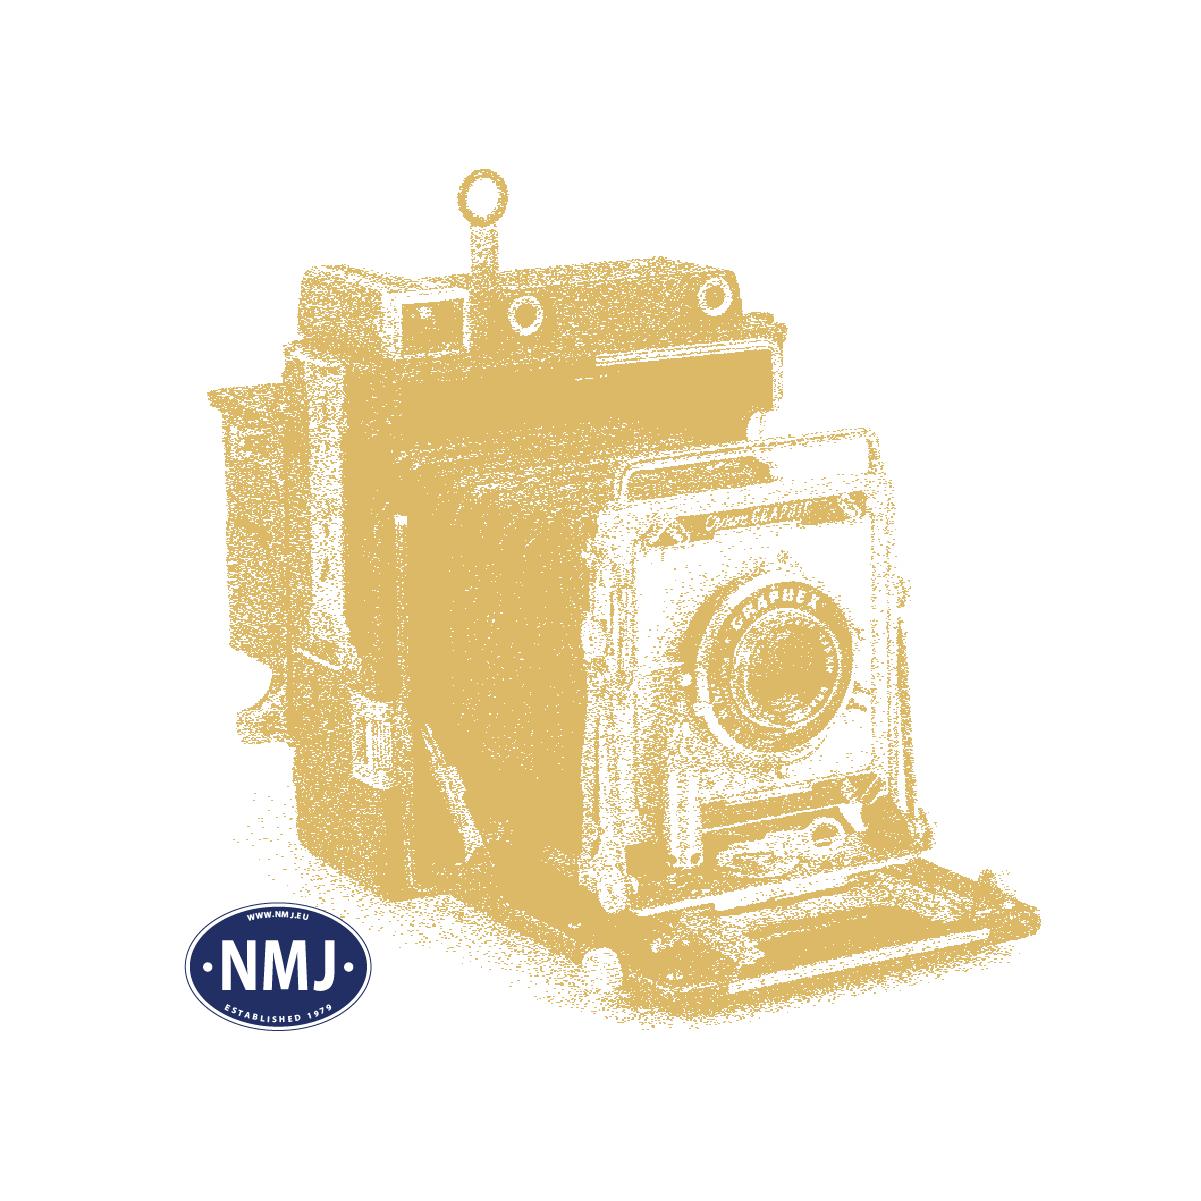 NMJT505.501 - NMJ Topline NSB Rps stakevogn 31 76 393 3 241-8 m/ Tømmerlast